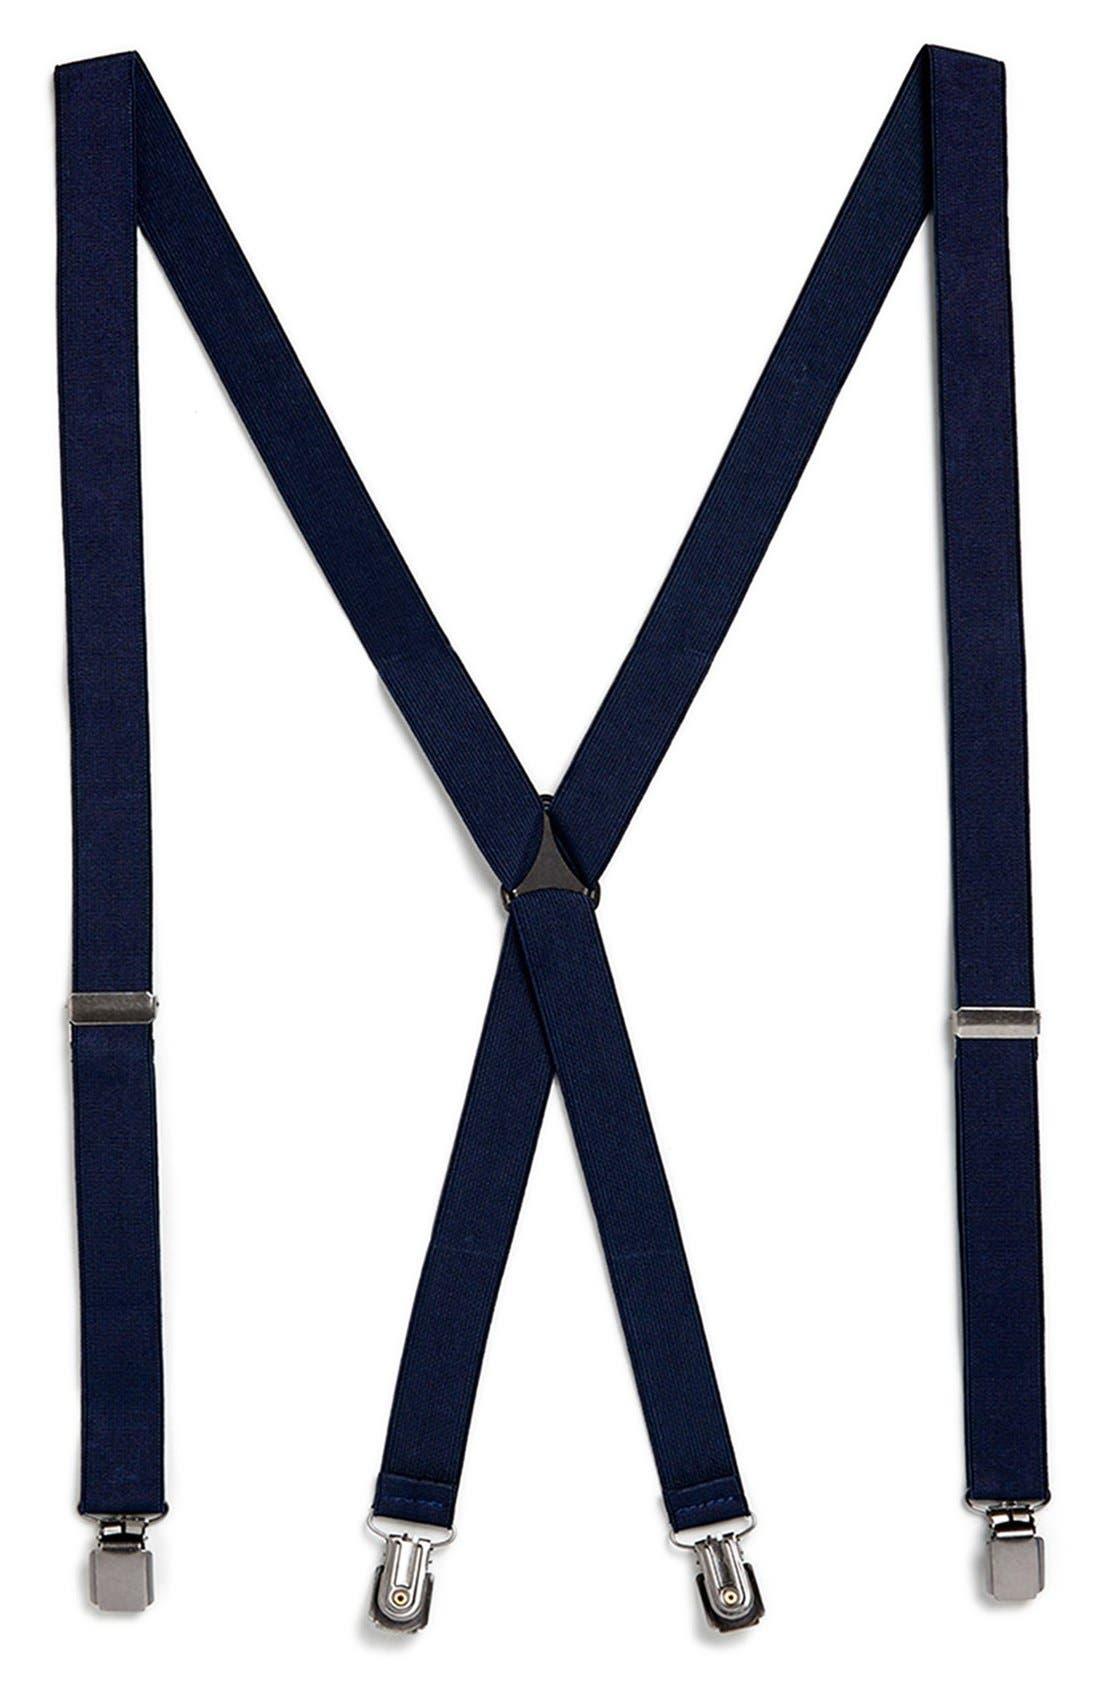 Alternate Image 1 Selected - Topman Navy Suspenders